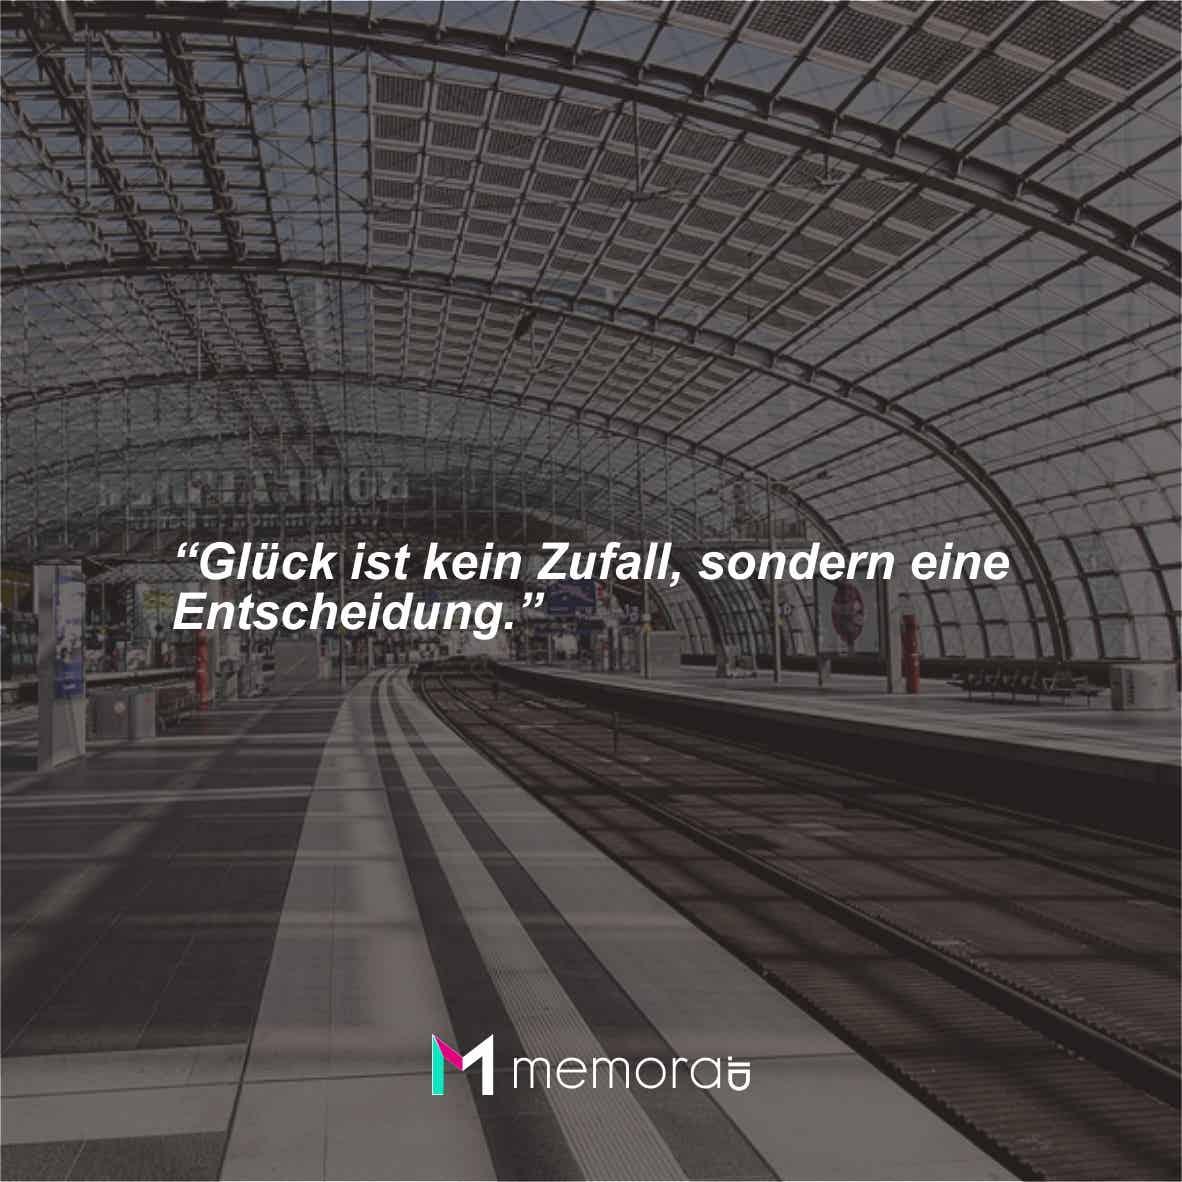 Caption, petuah dan pepatah bahasa Jerman